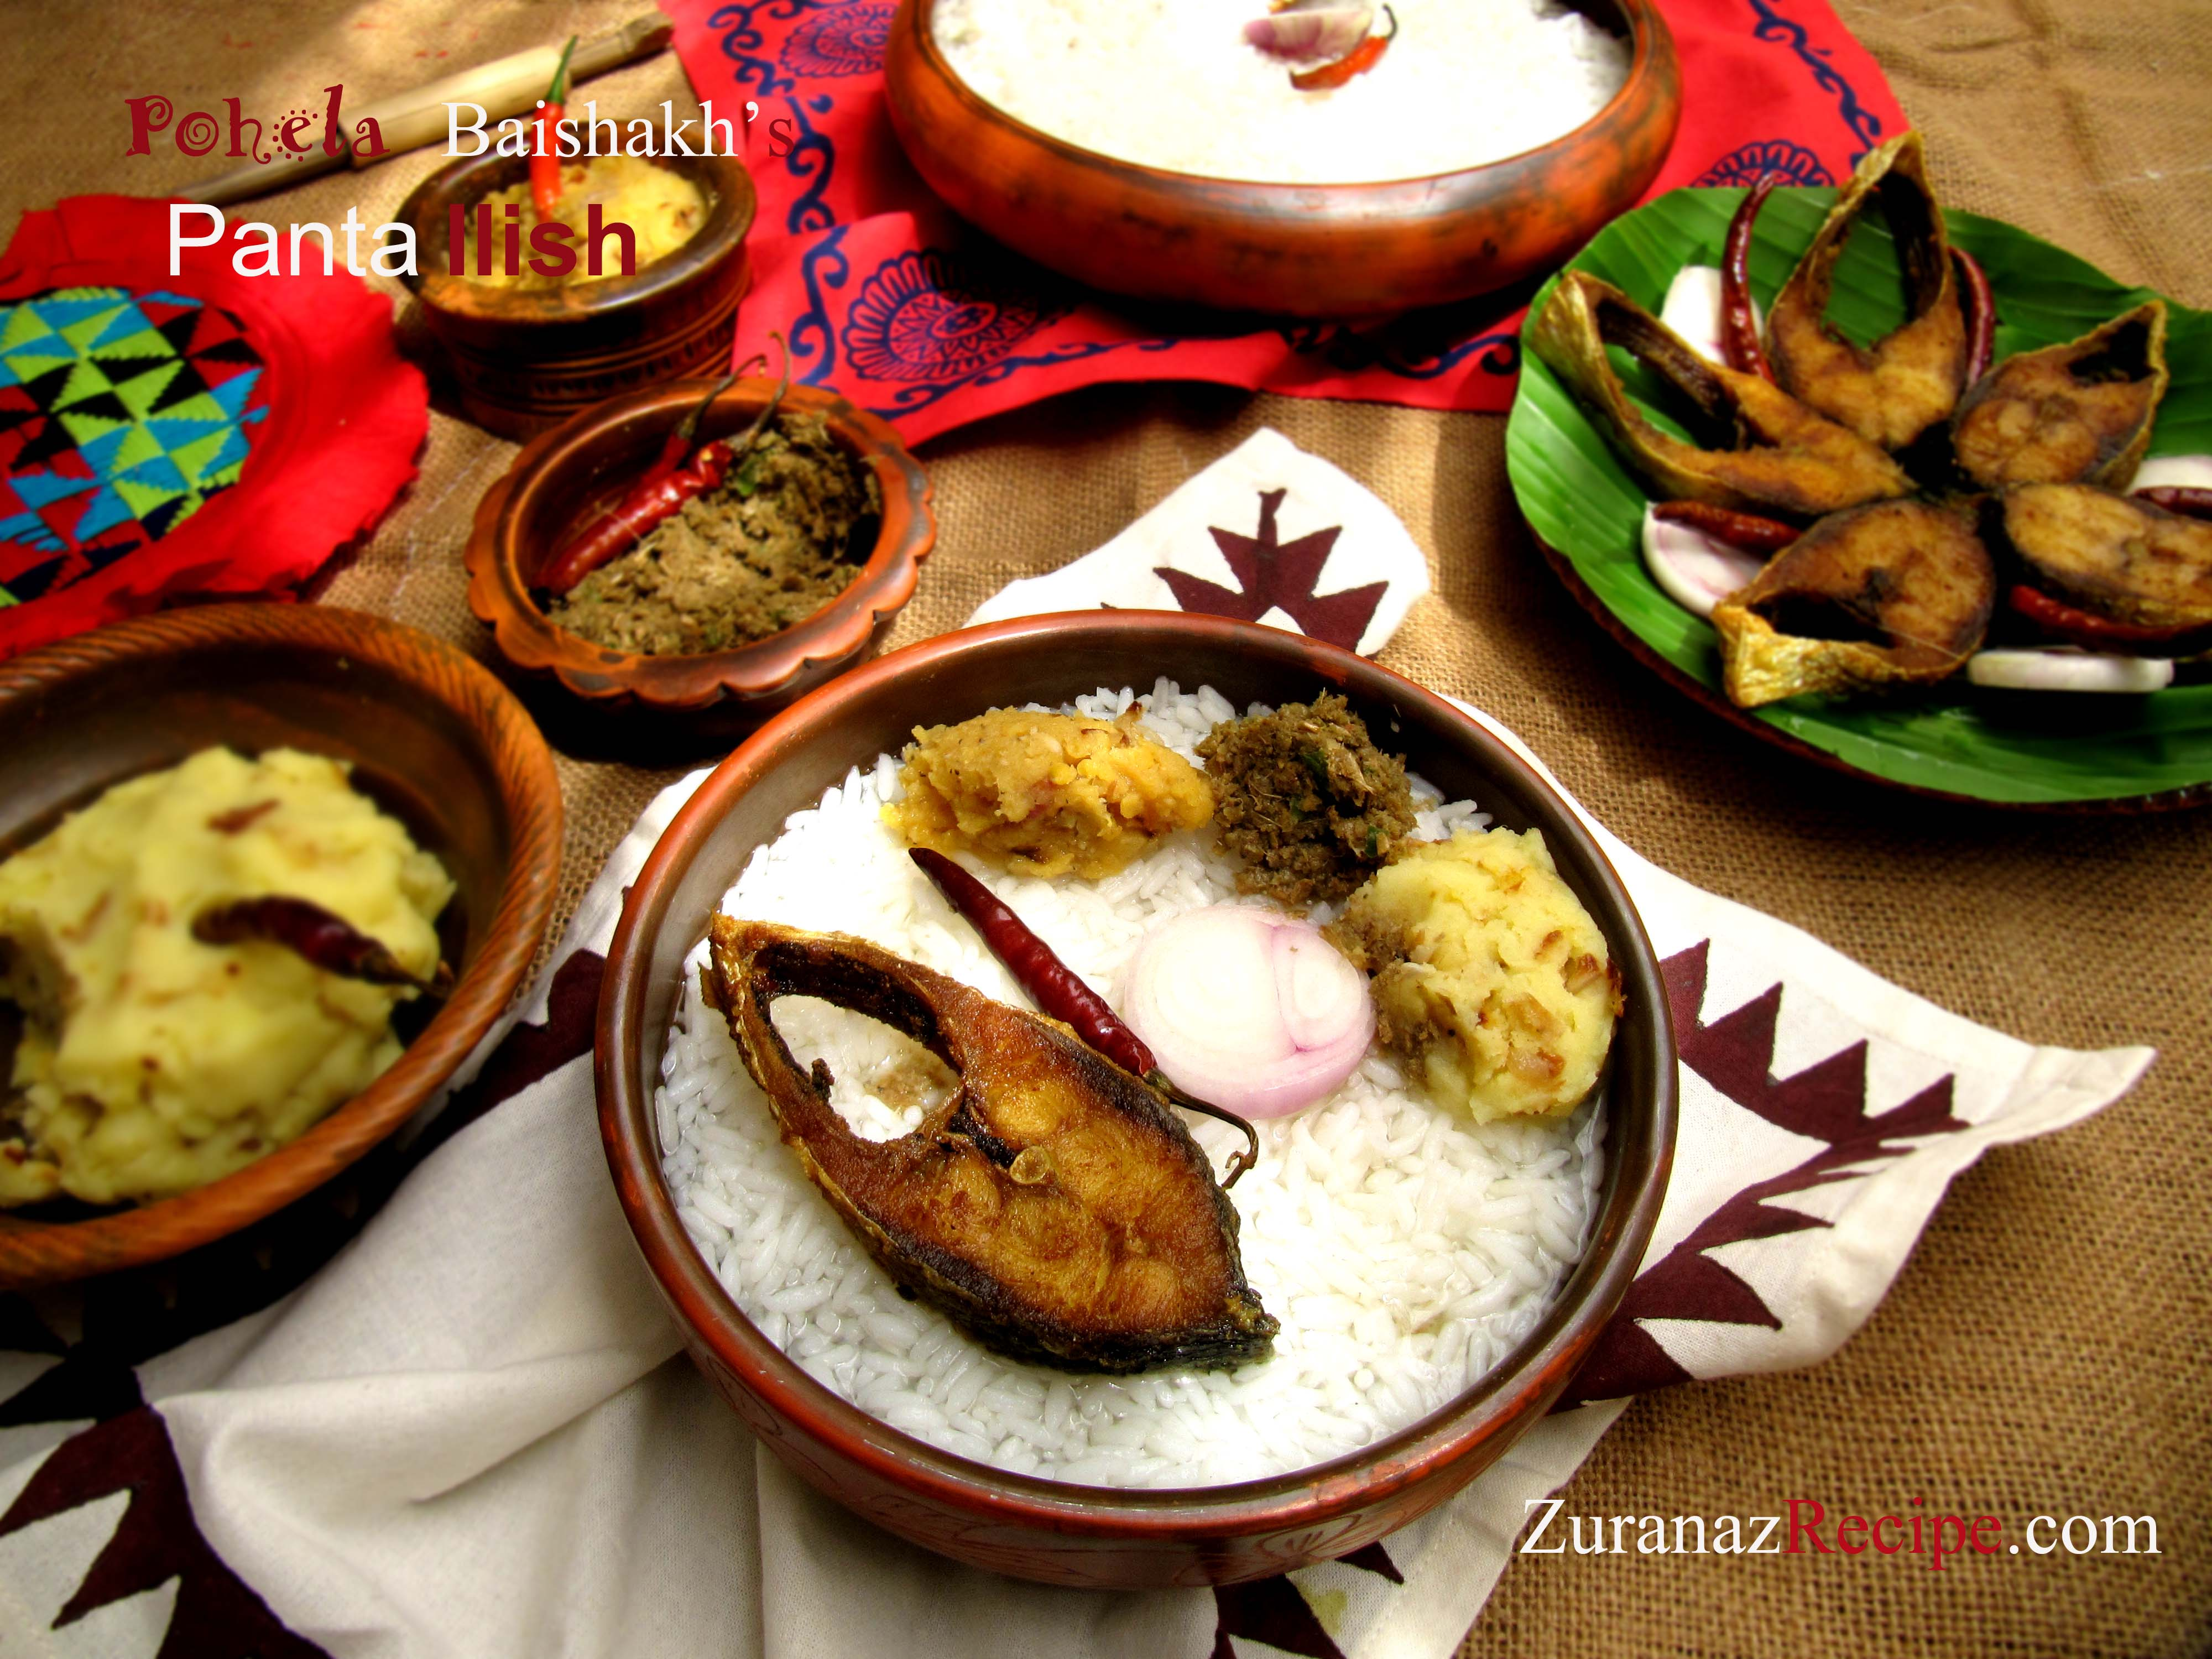 Ilish recipes bangla bangladeshi bengali food recipes bangladeshi noboborsho feast panta bhat ilish maach forumfinder Image collections